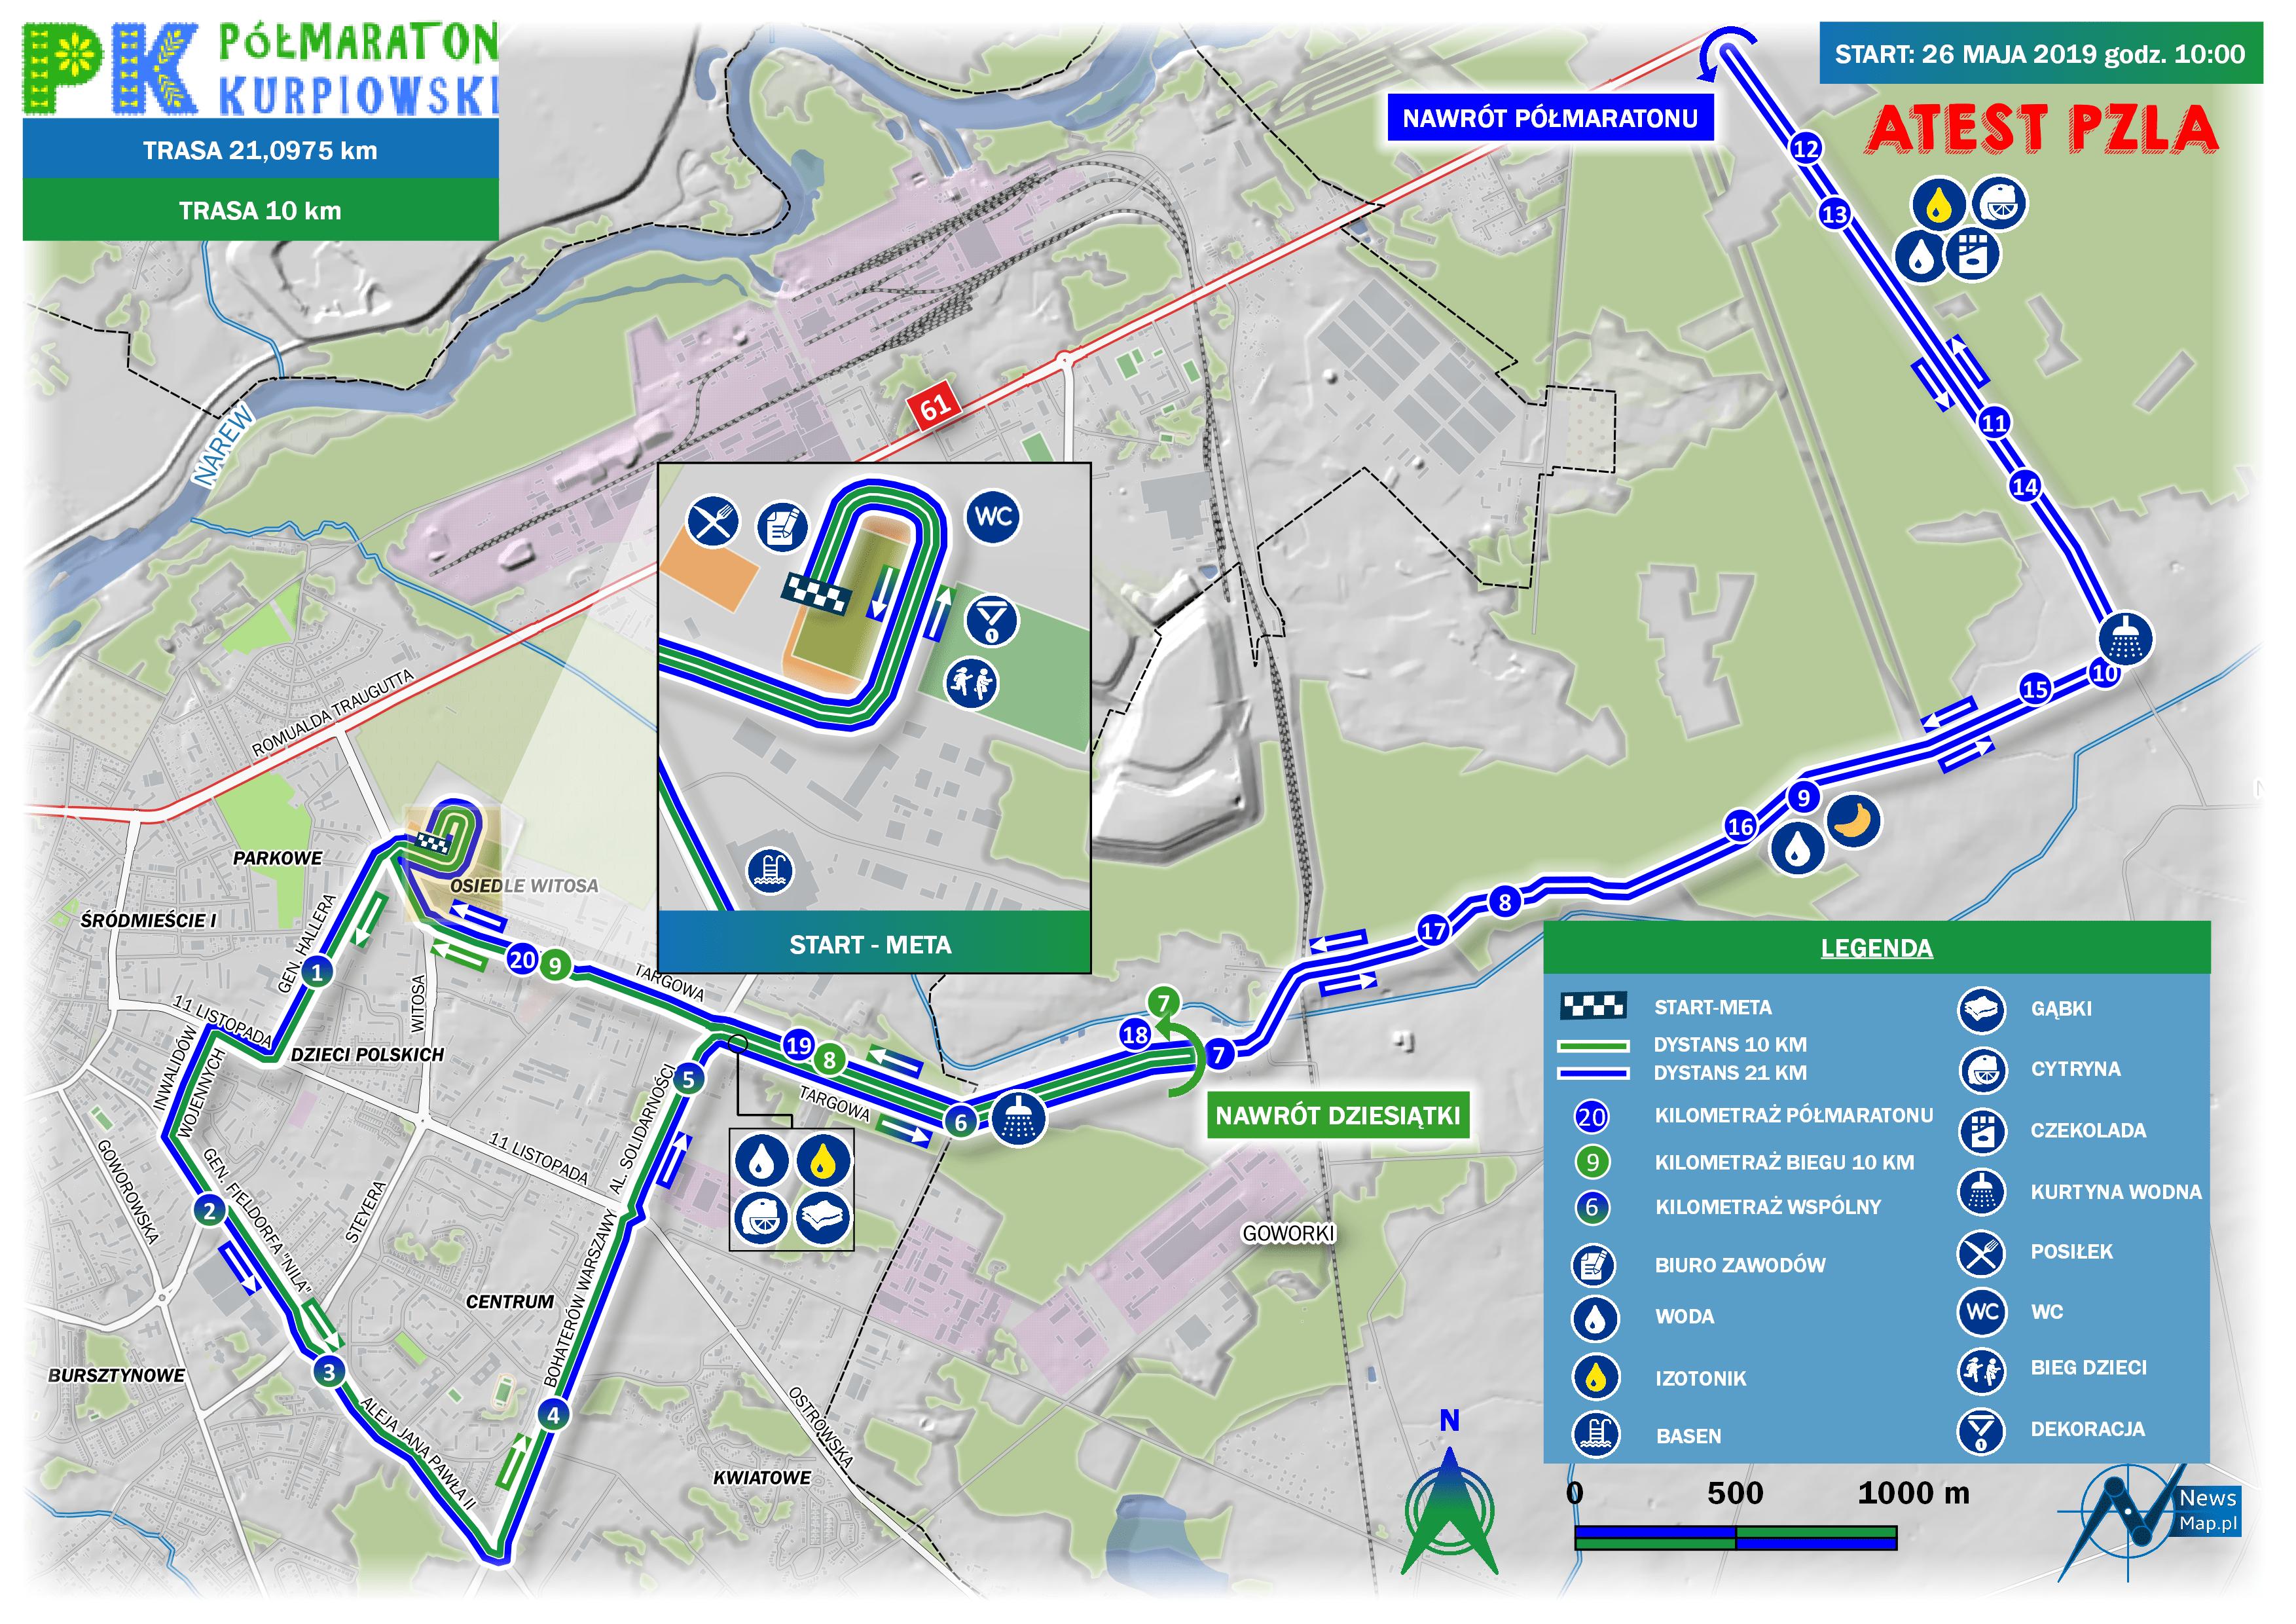 Mapa statyczna Półmaraton Kurpiowski 2019